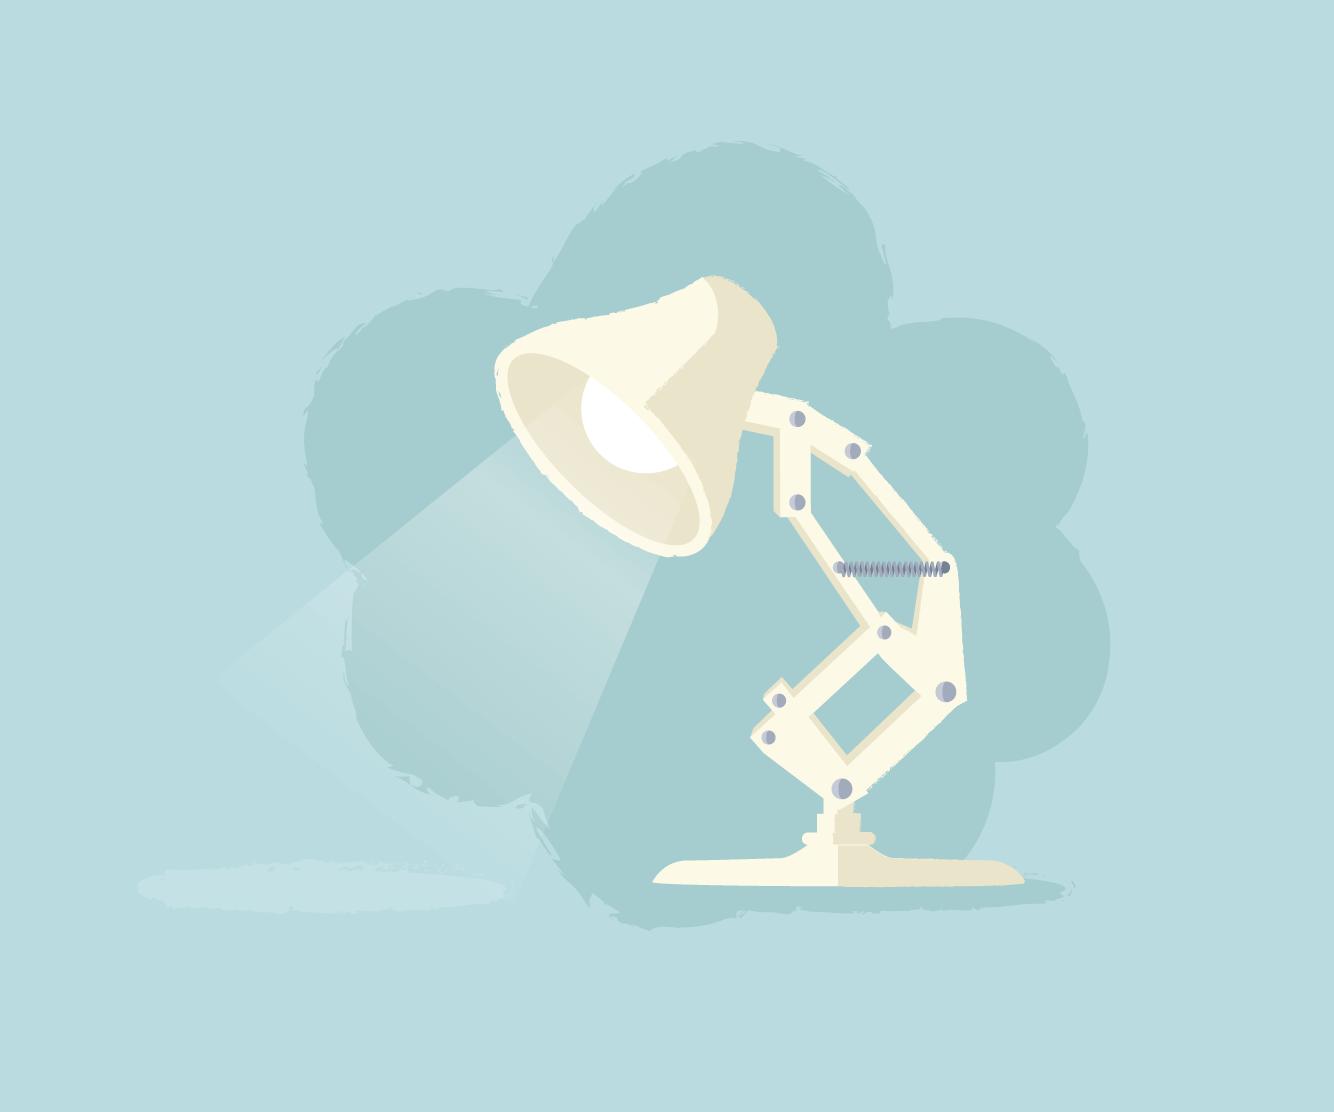 teamfluent-blogpost-illustration-17